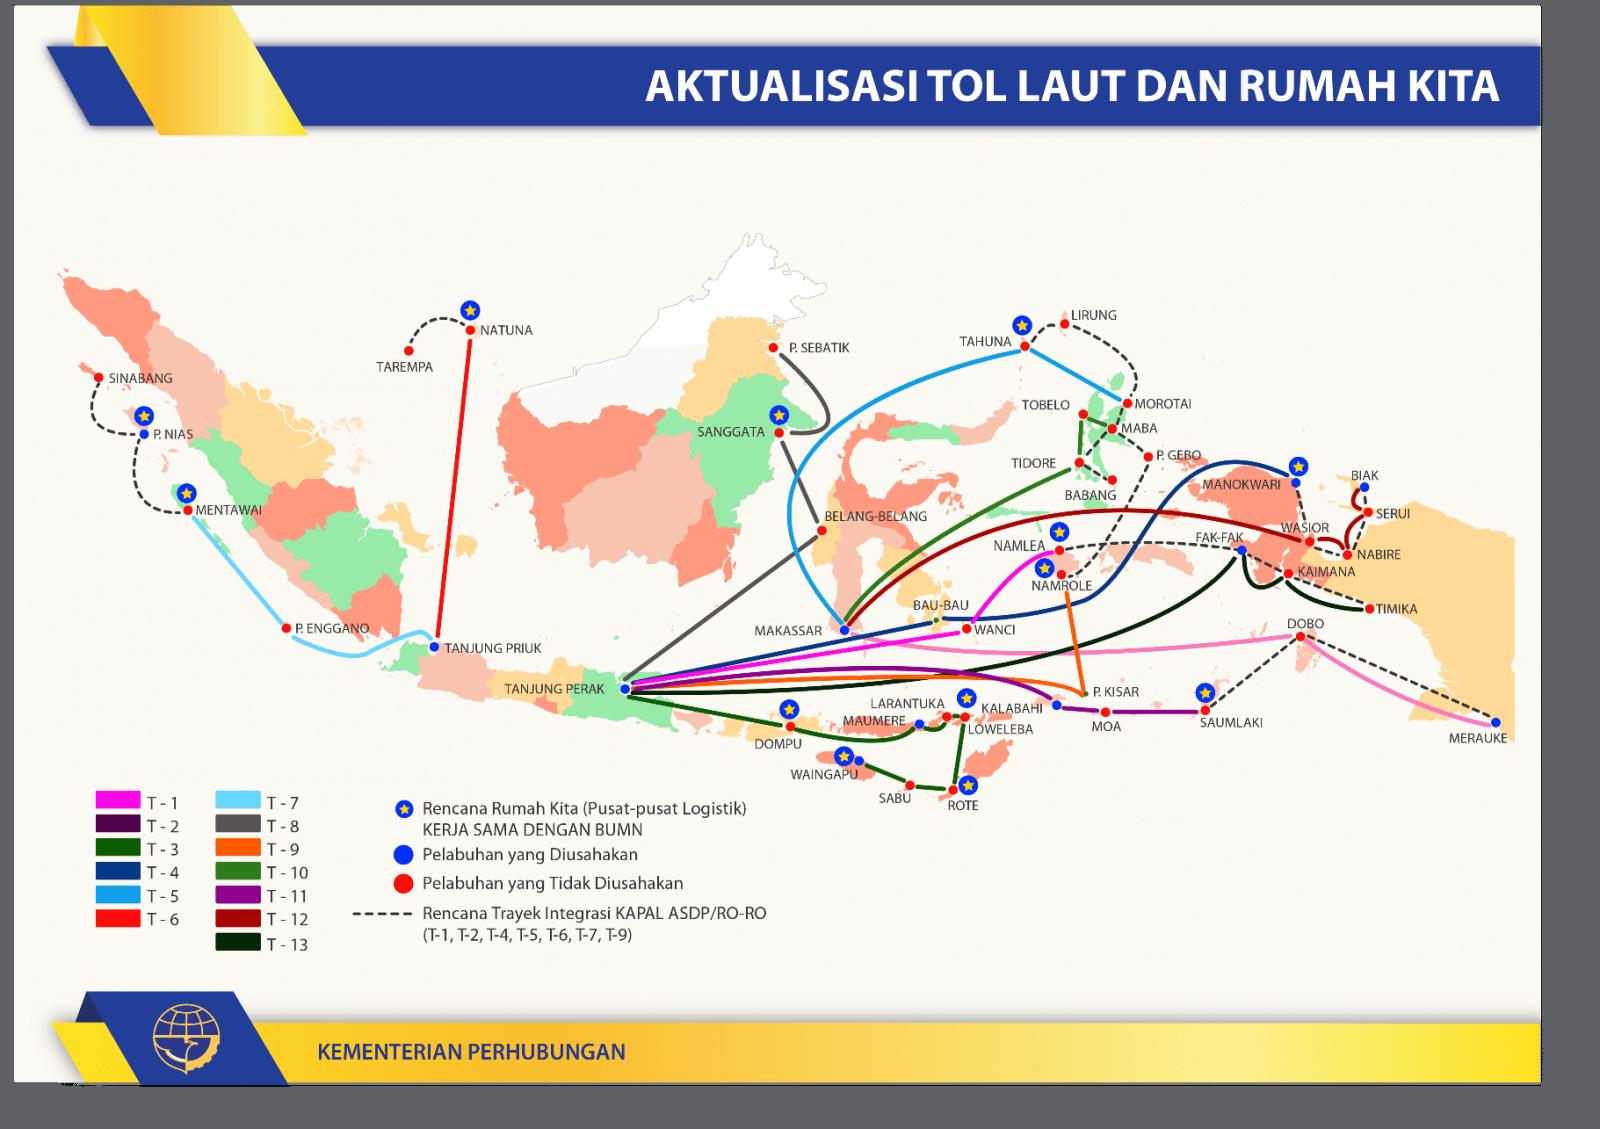 Pemerintah Optimistis Kembalikan Kejayaan Maritim Indonesia